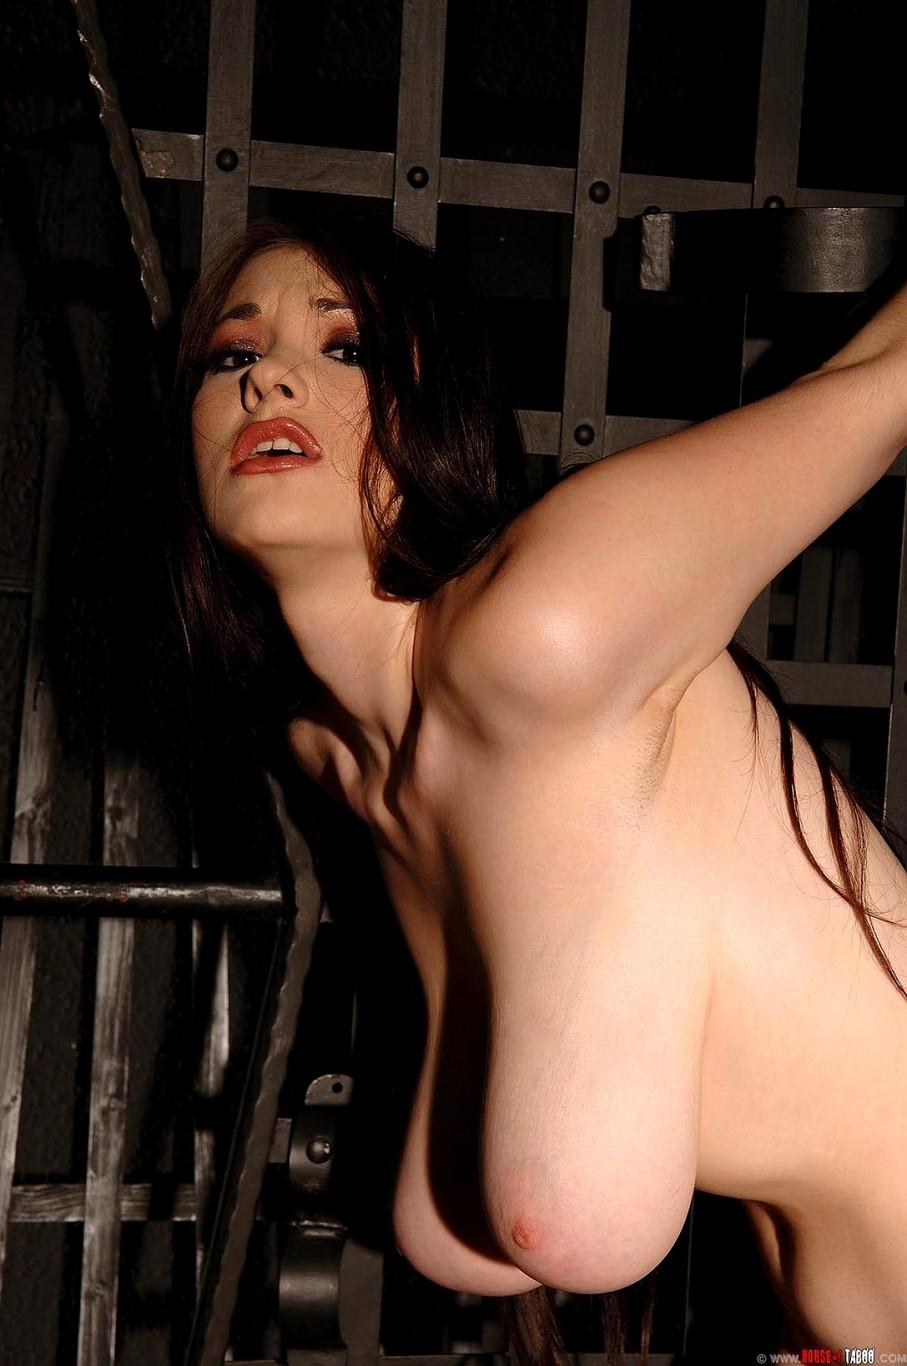 Jill eikenberry naked